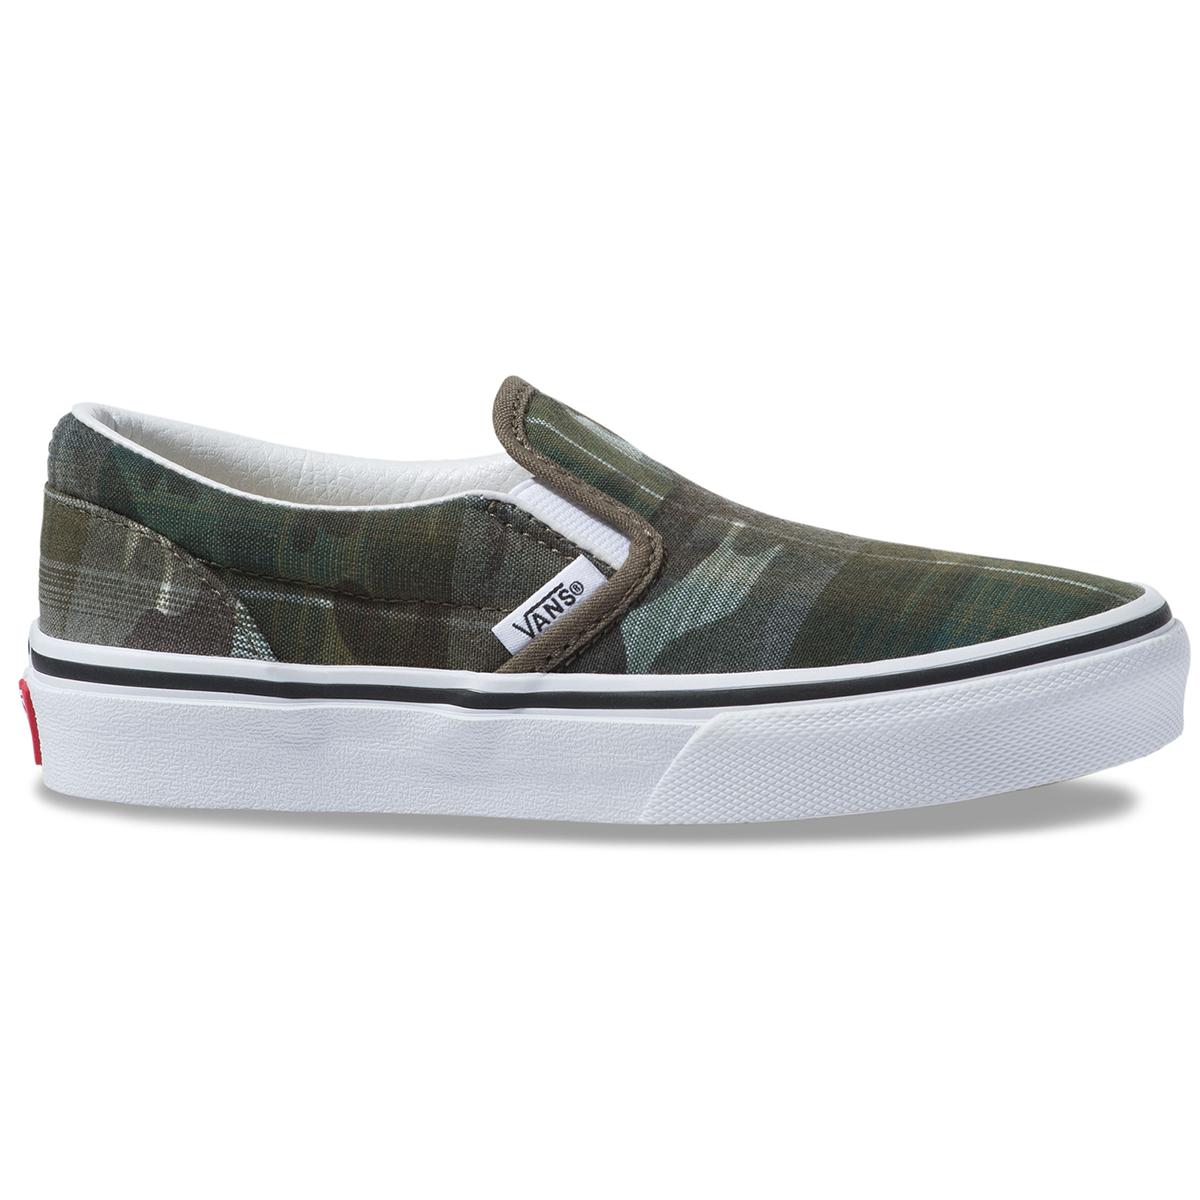 353ec6c8 Details about Vans Boys' Classic Slip-On Shoes